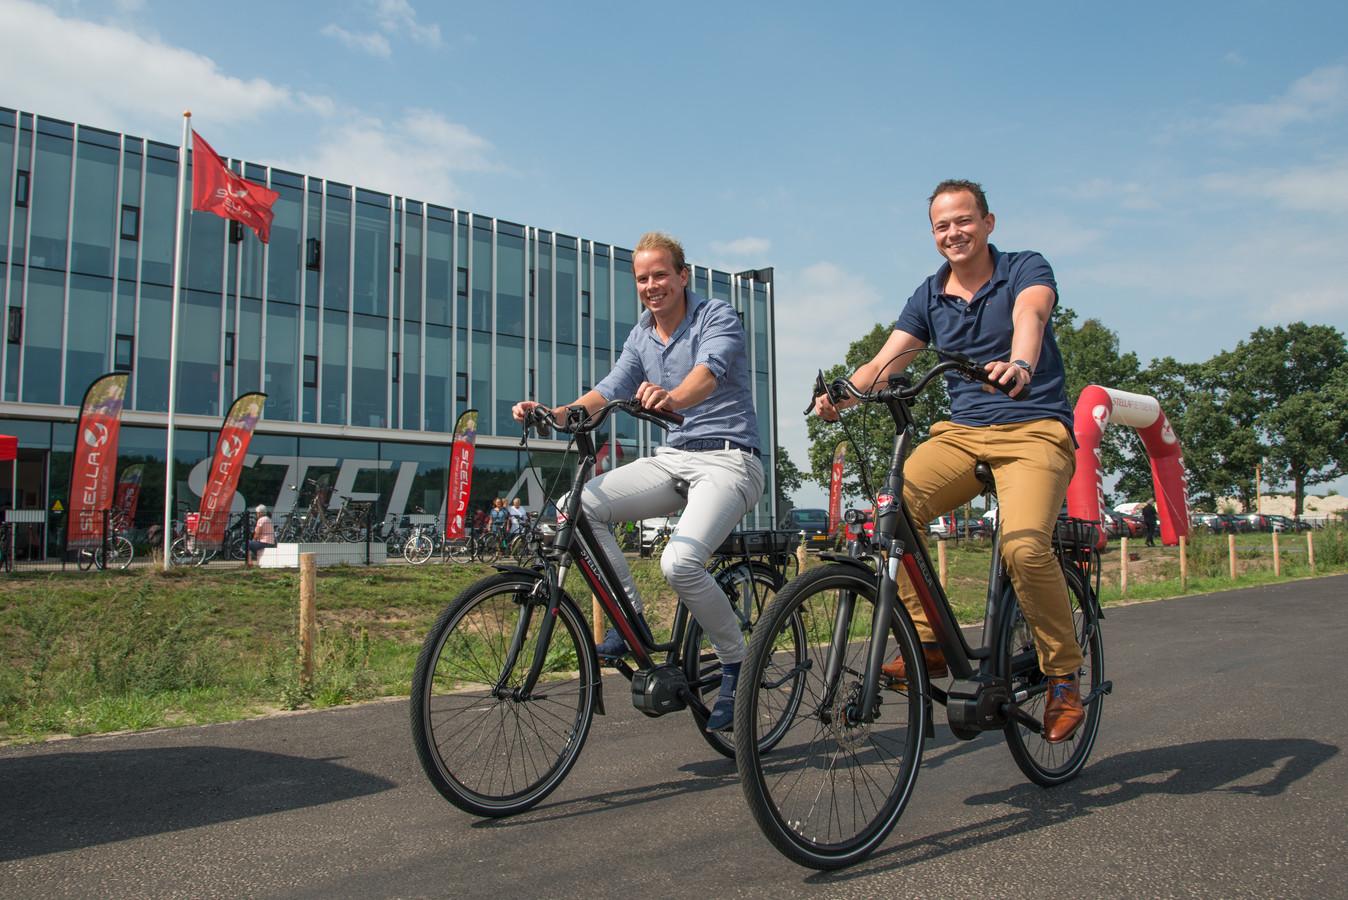 Daan van Renselaar (links) en Wilco van de Kamp fietsen langs hún pand in Nunspeet.